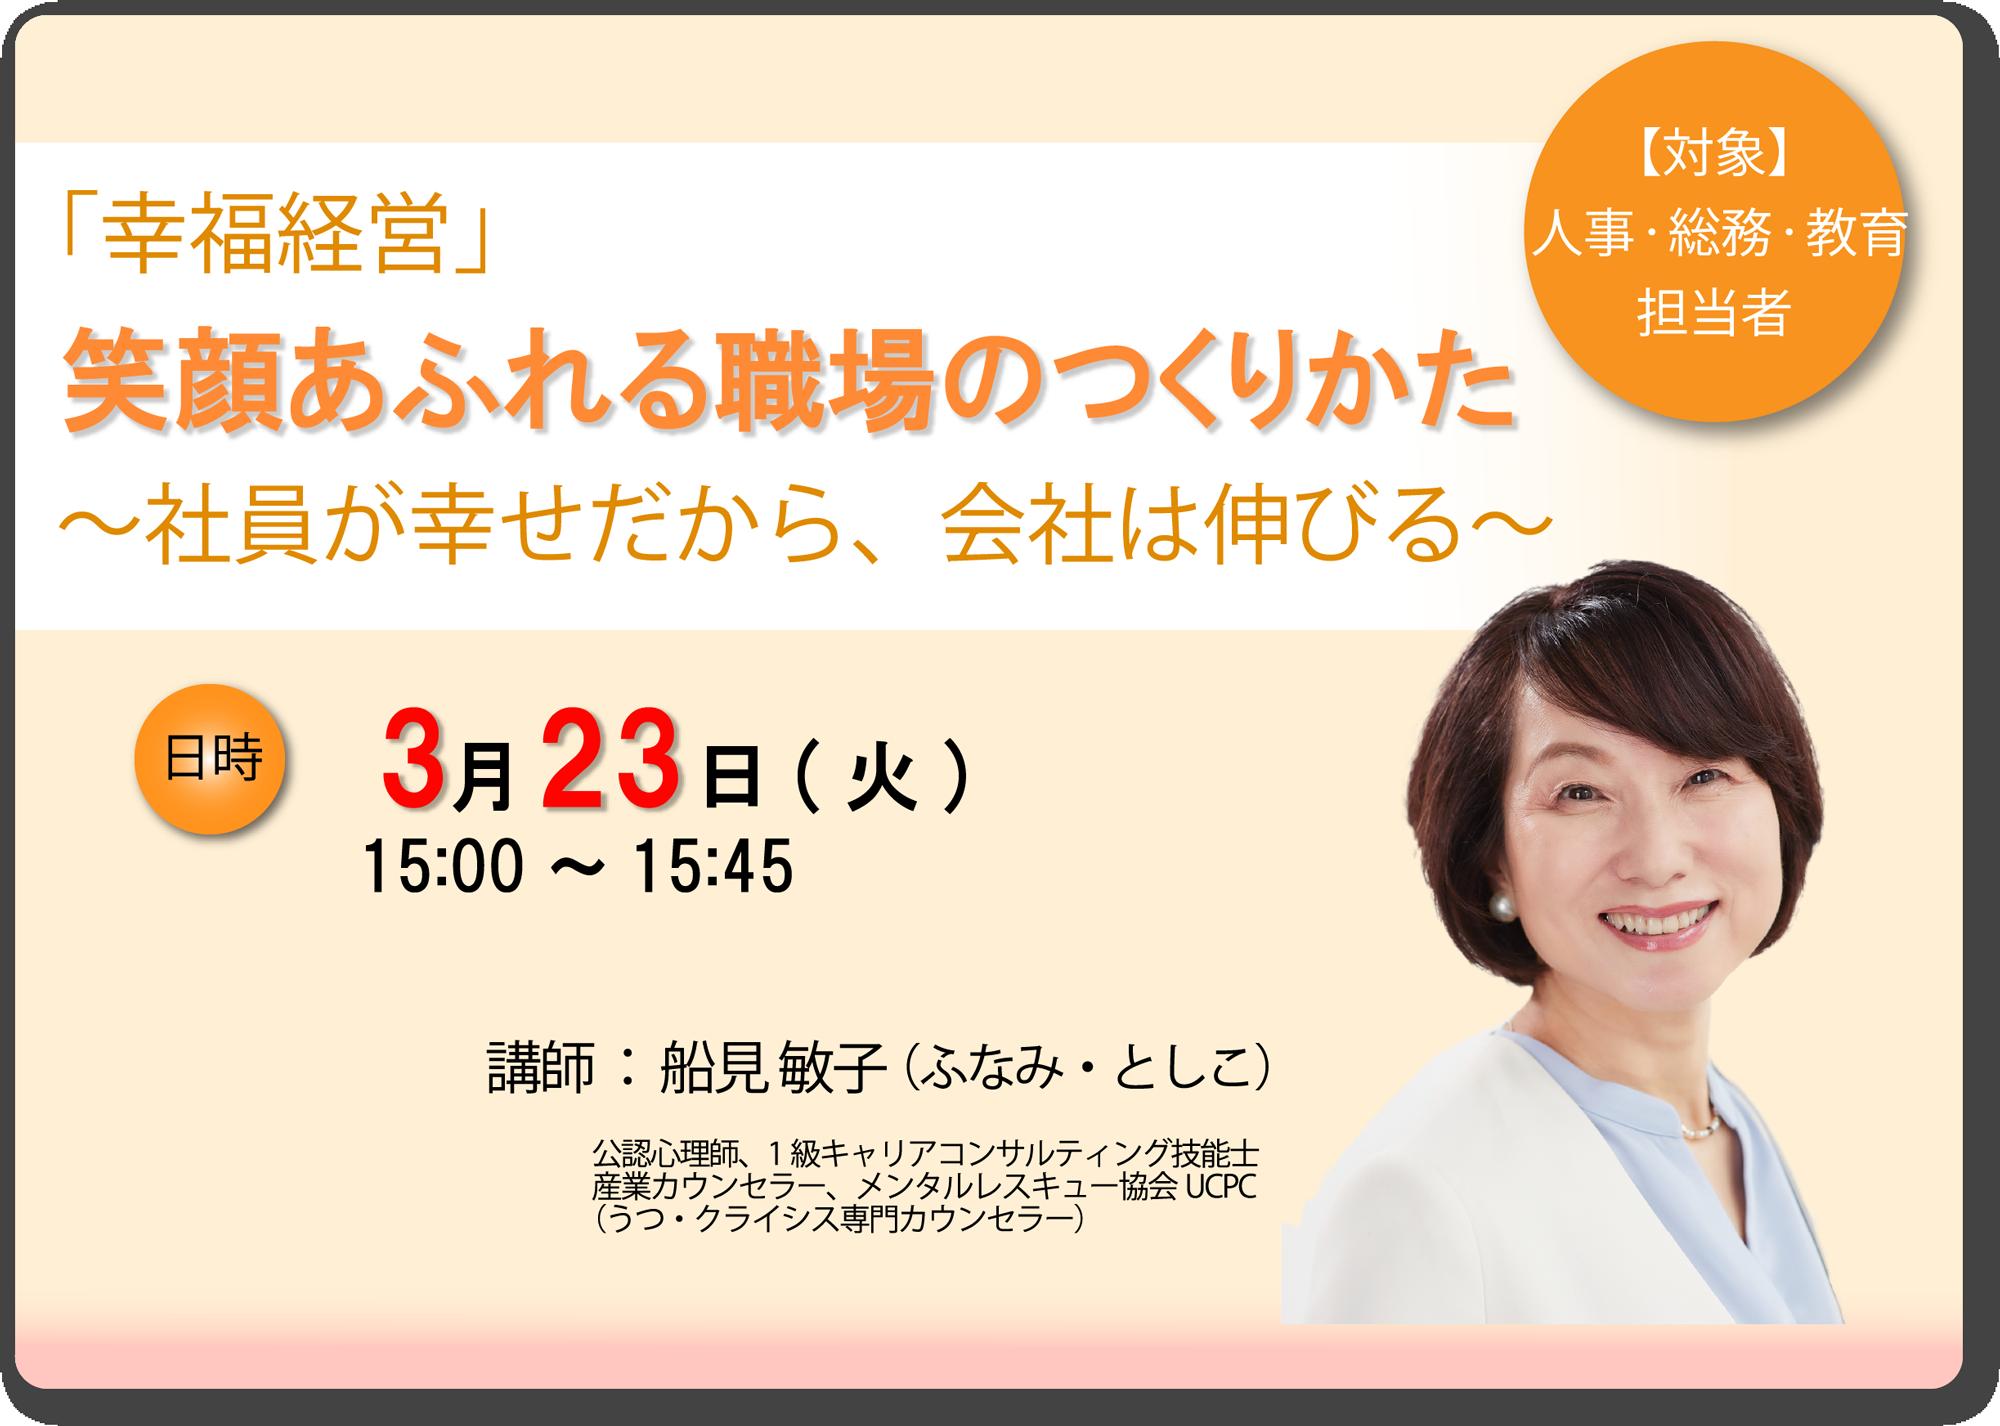 3月23日 笑顔あふれる職場のつくりかた 船見敏子